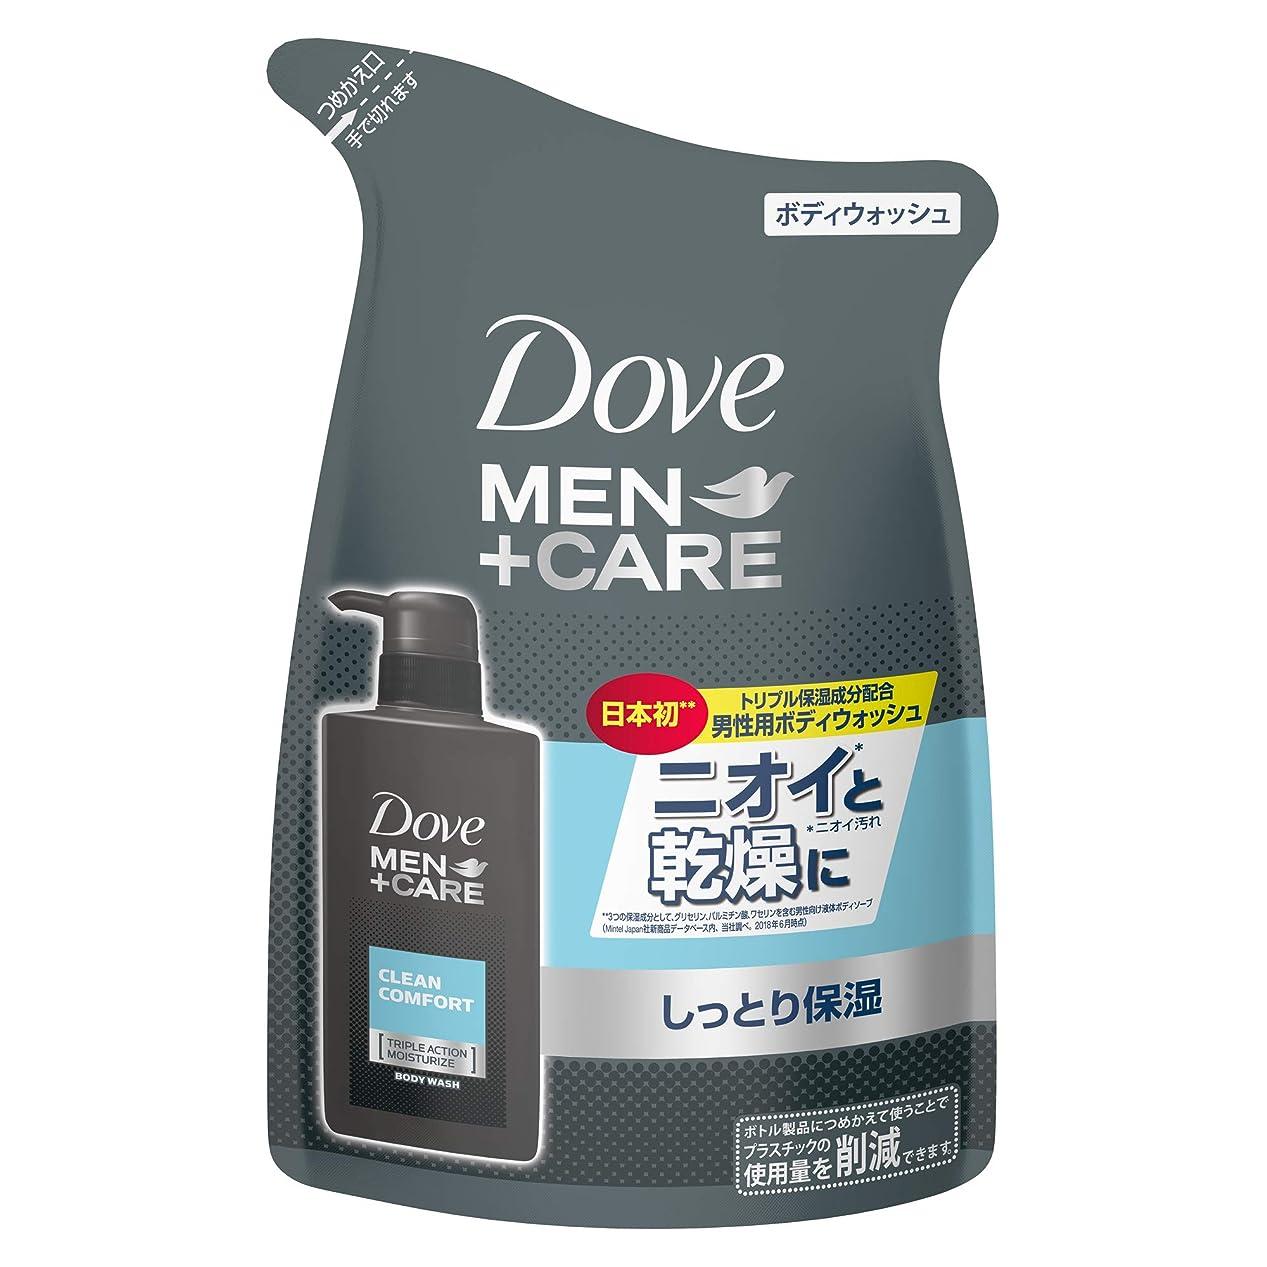 キャンセルなるメンタルダヴメン+ケア ボディウォッシュ クリーンコンフォート つめかえ用 320g